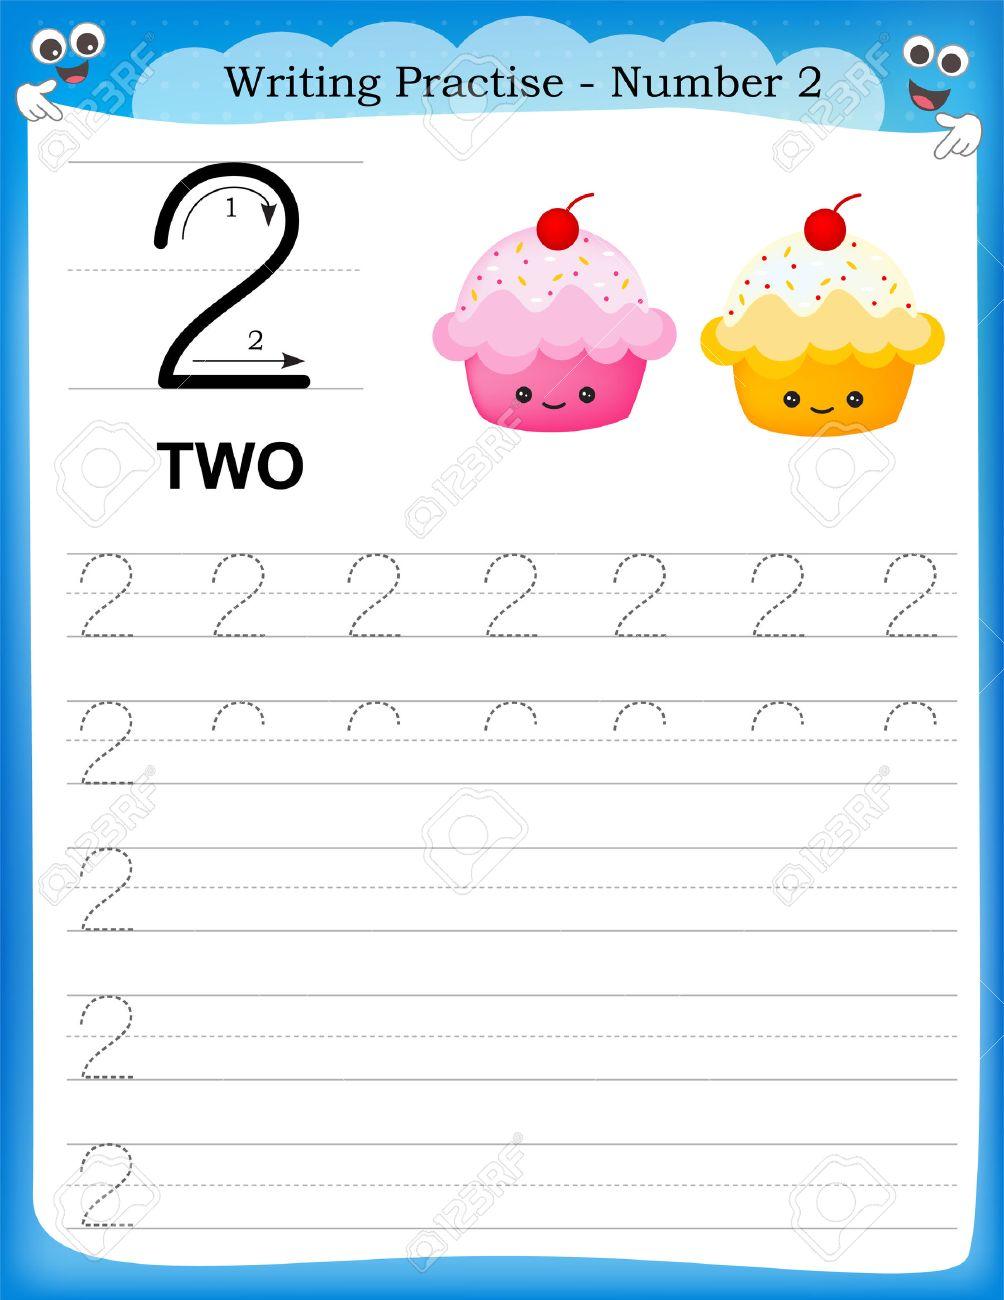 Writing Practice Number Two Printable Worksheet For Preschool ...